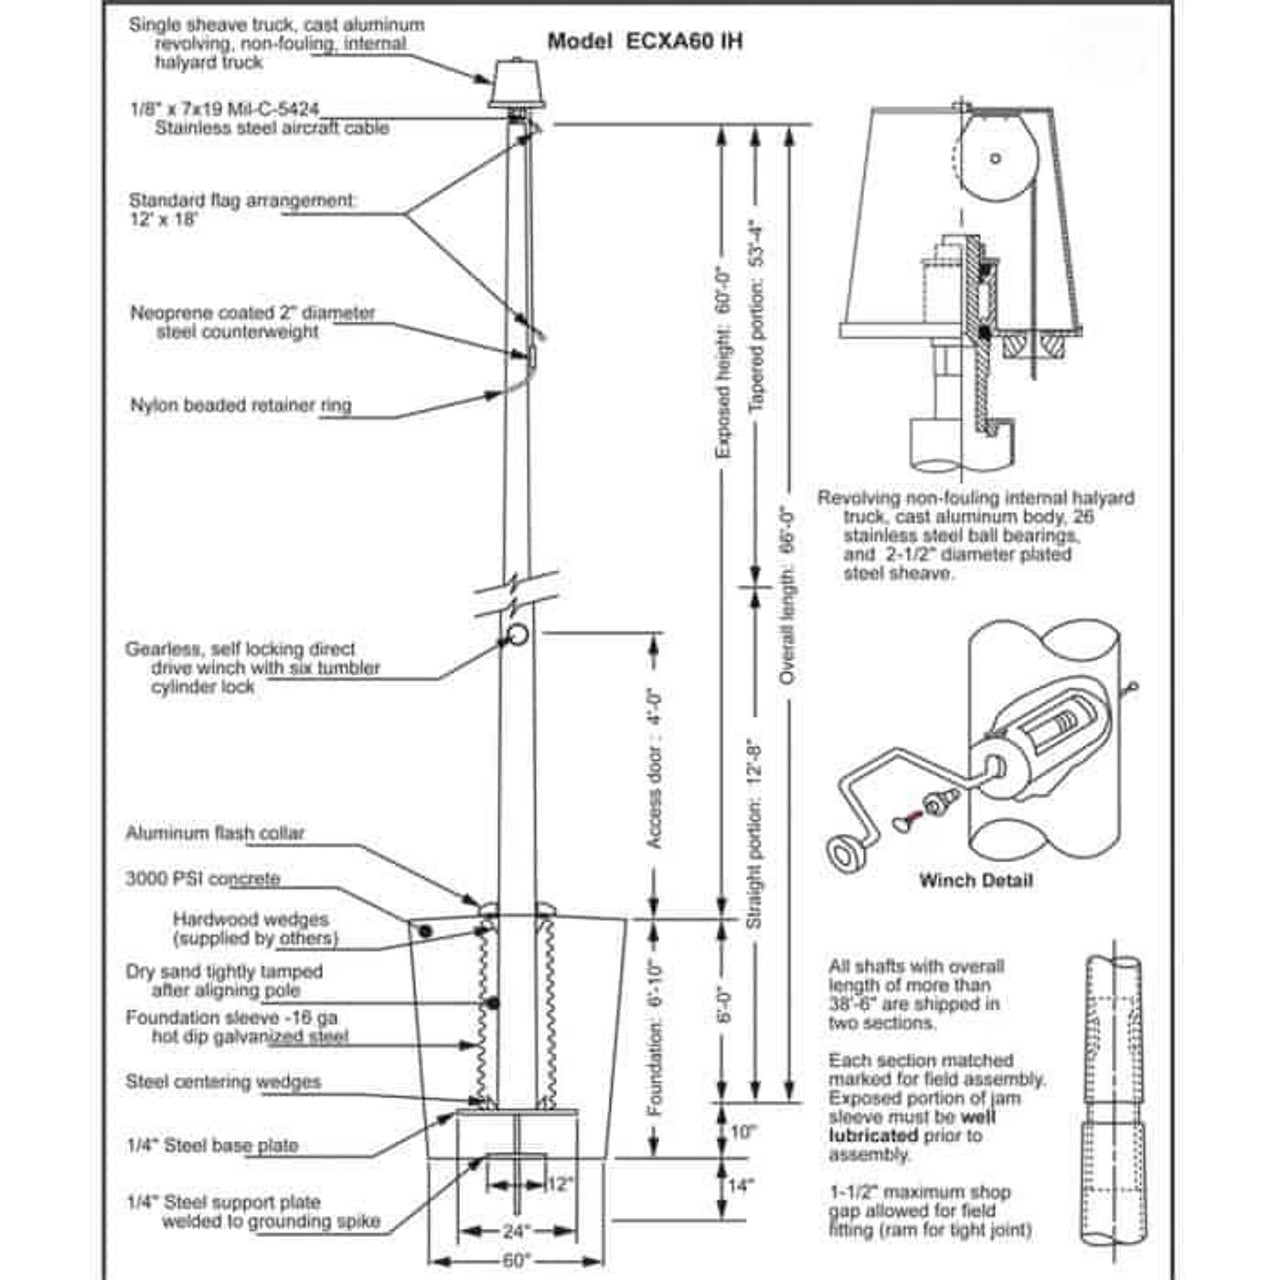 60 Internal Halyard Flagpole w/ Collar EC60IH